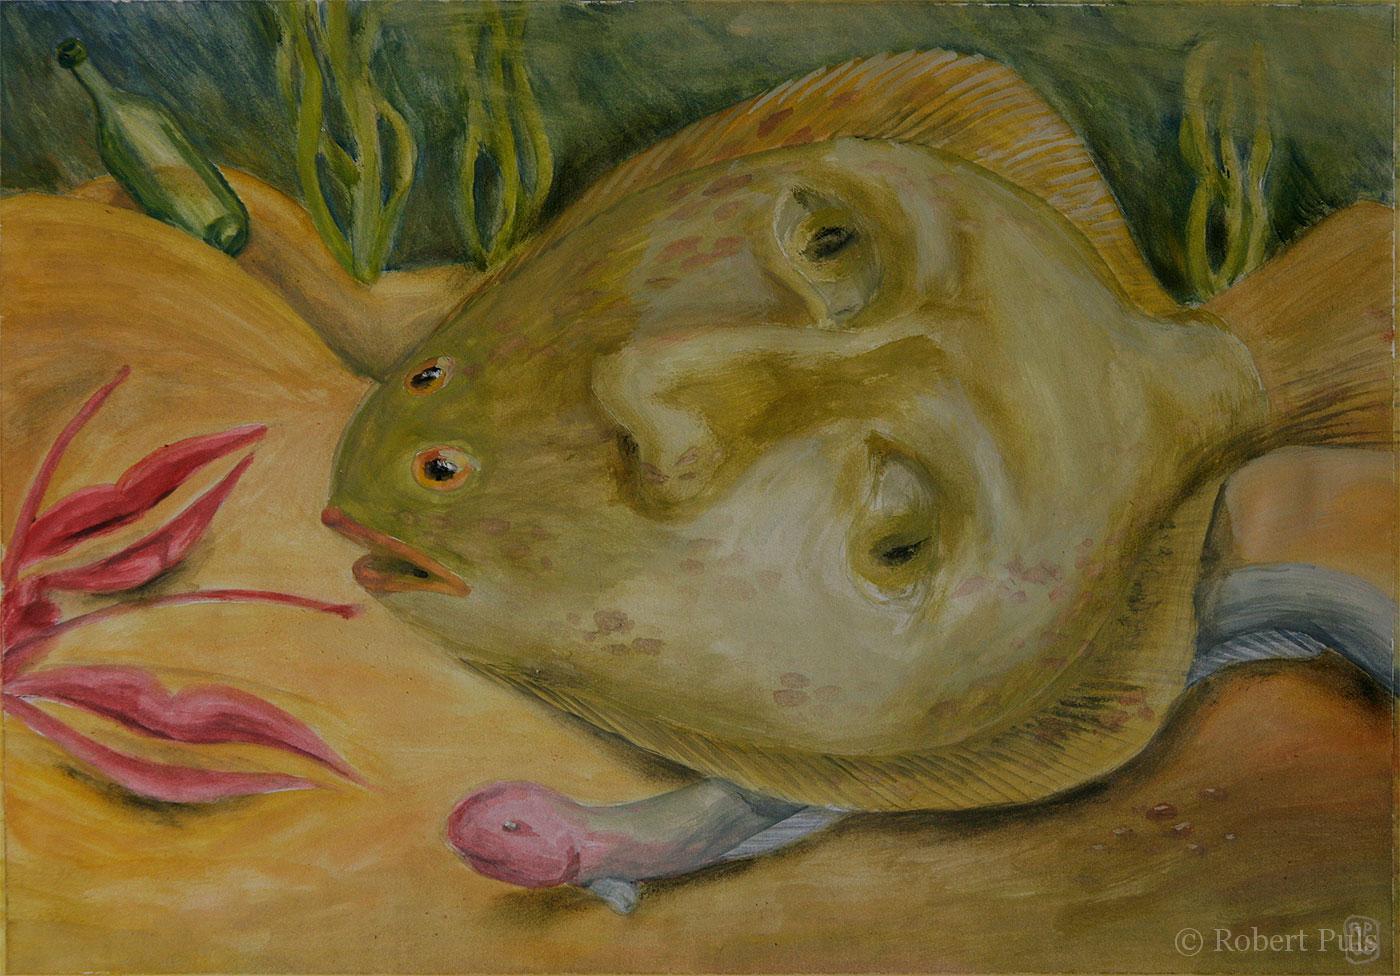 Malerei Robert Puls Menschliches 2